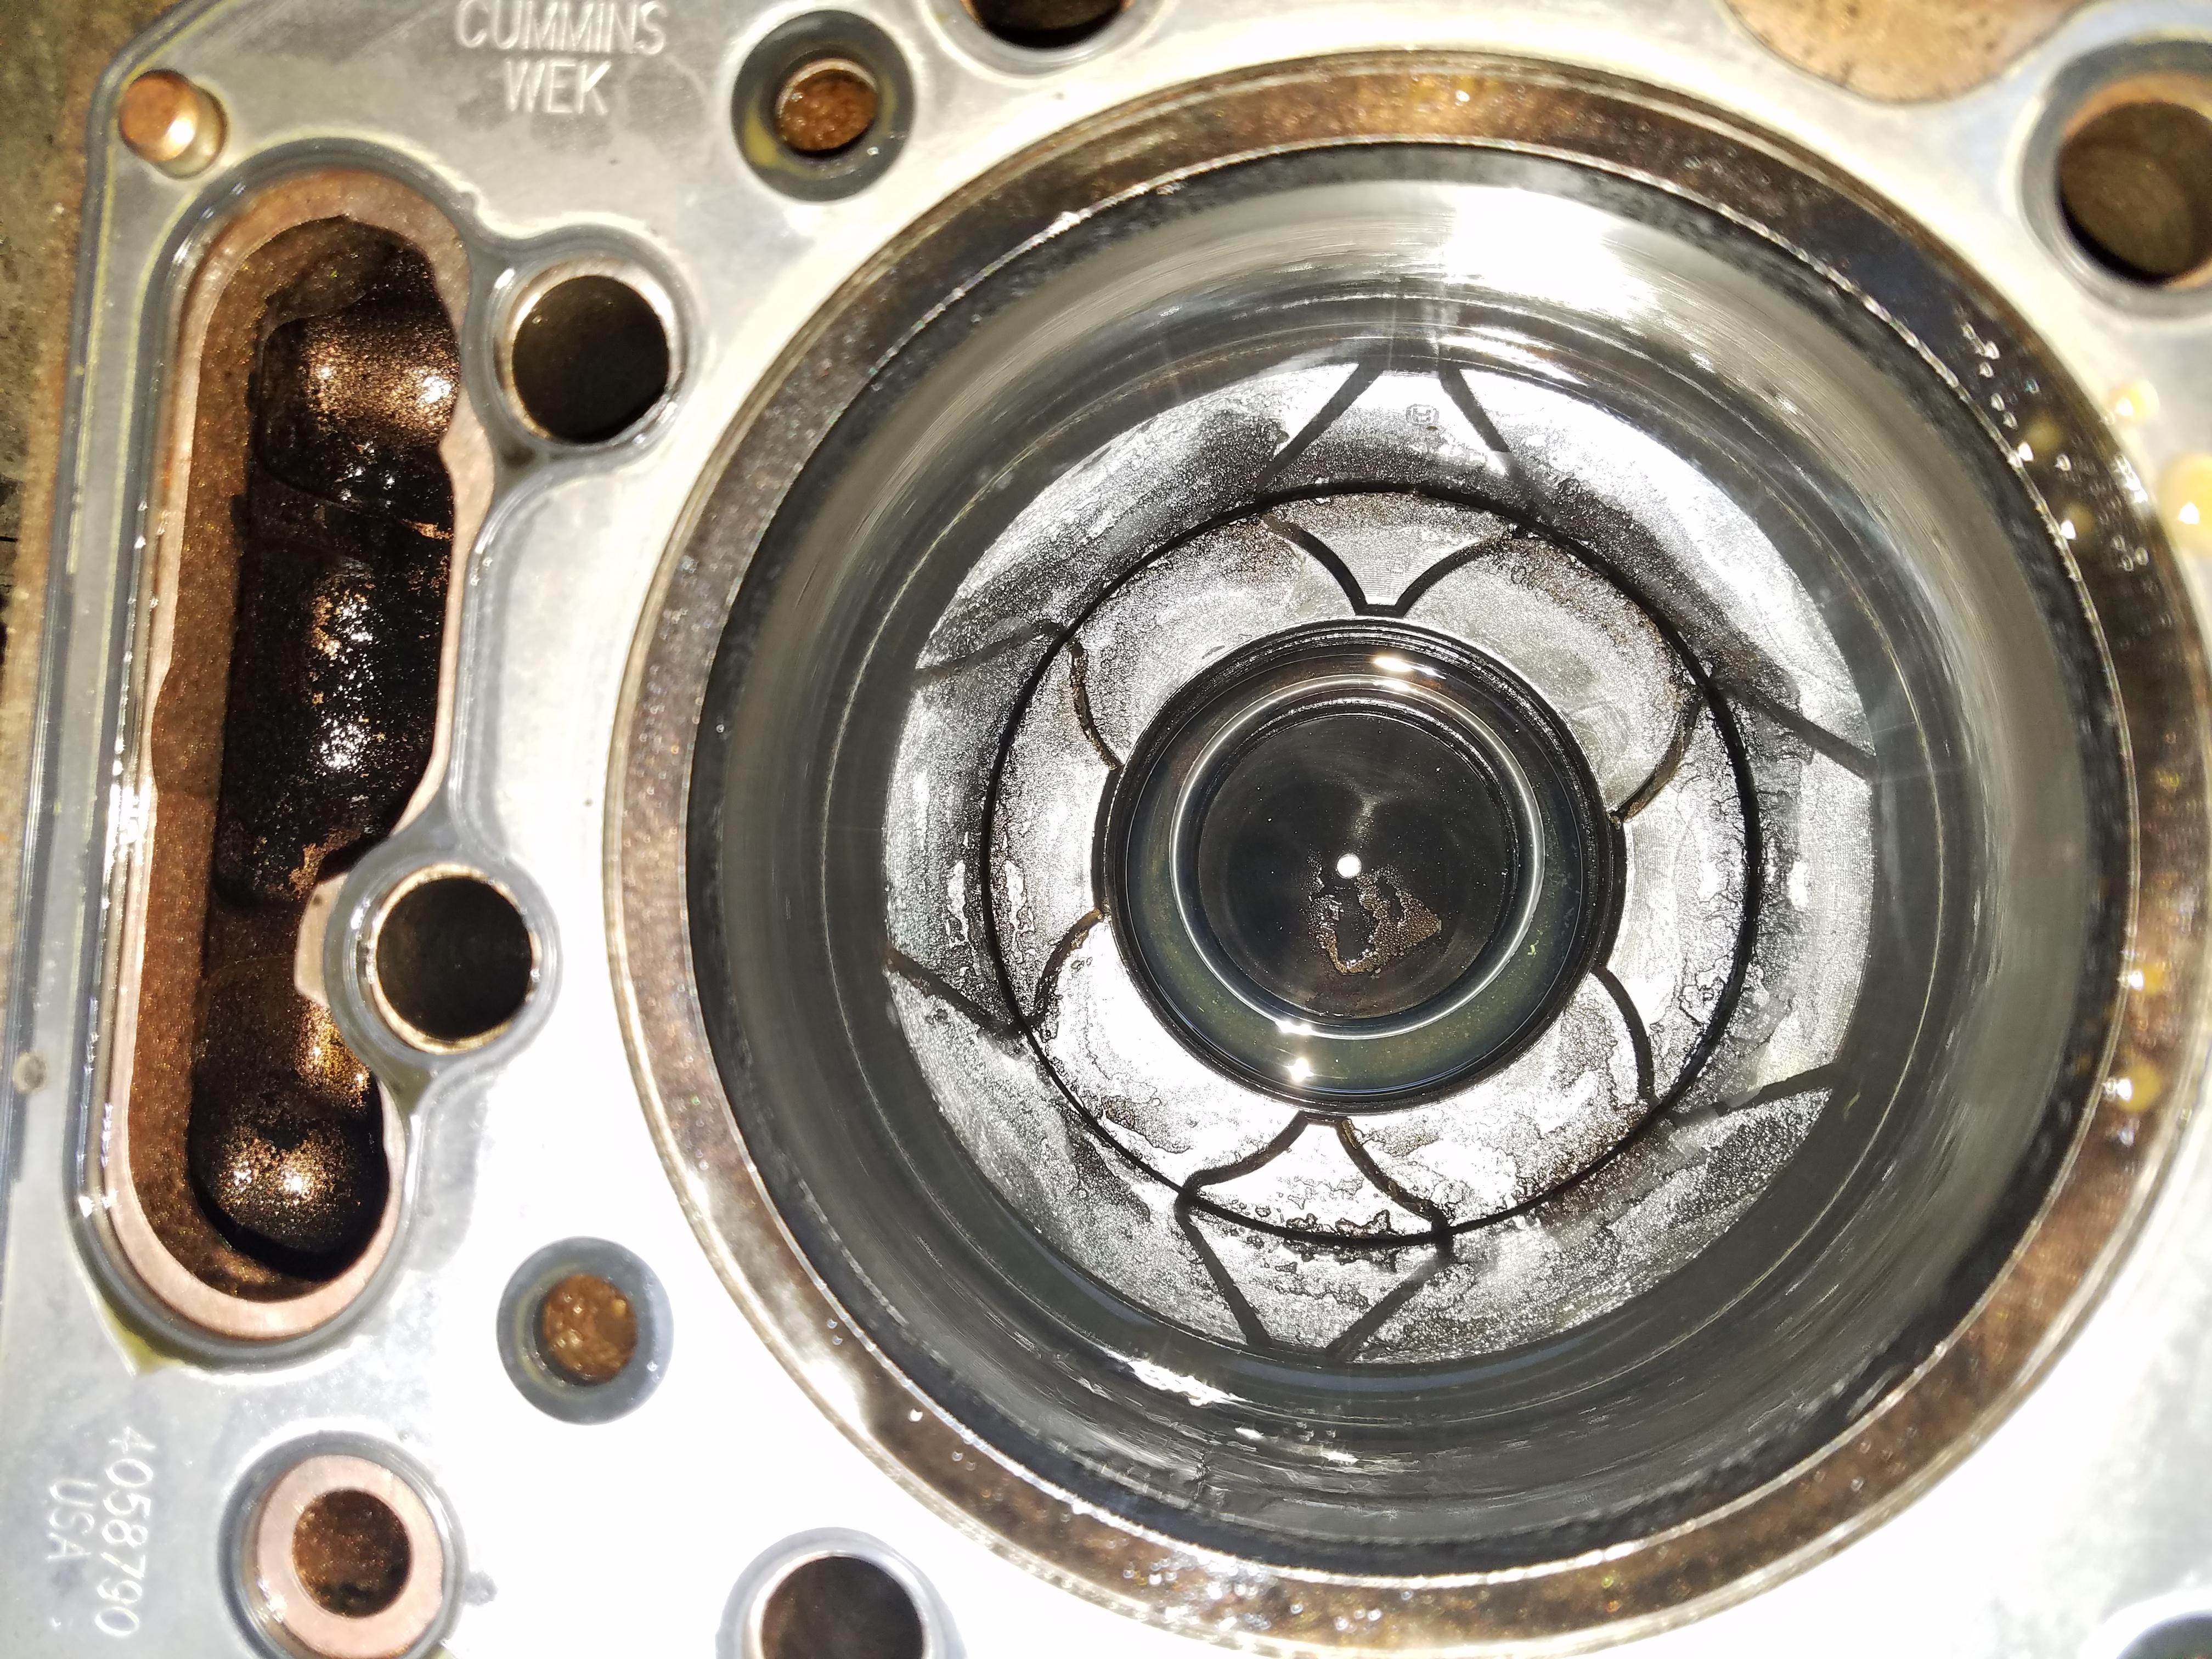 Cumminsdr n14 esn 11834253 truck had a head gasket that was